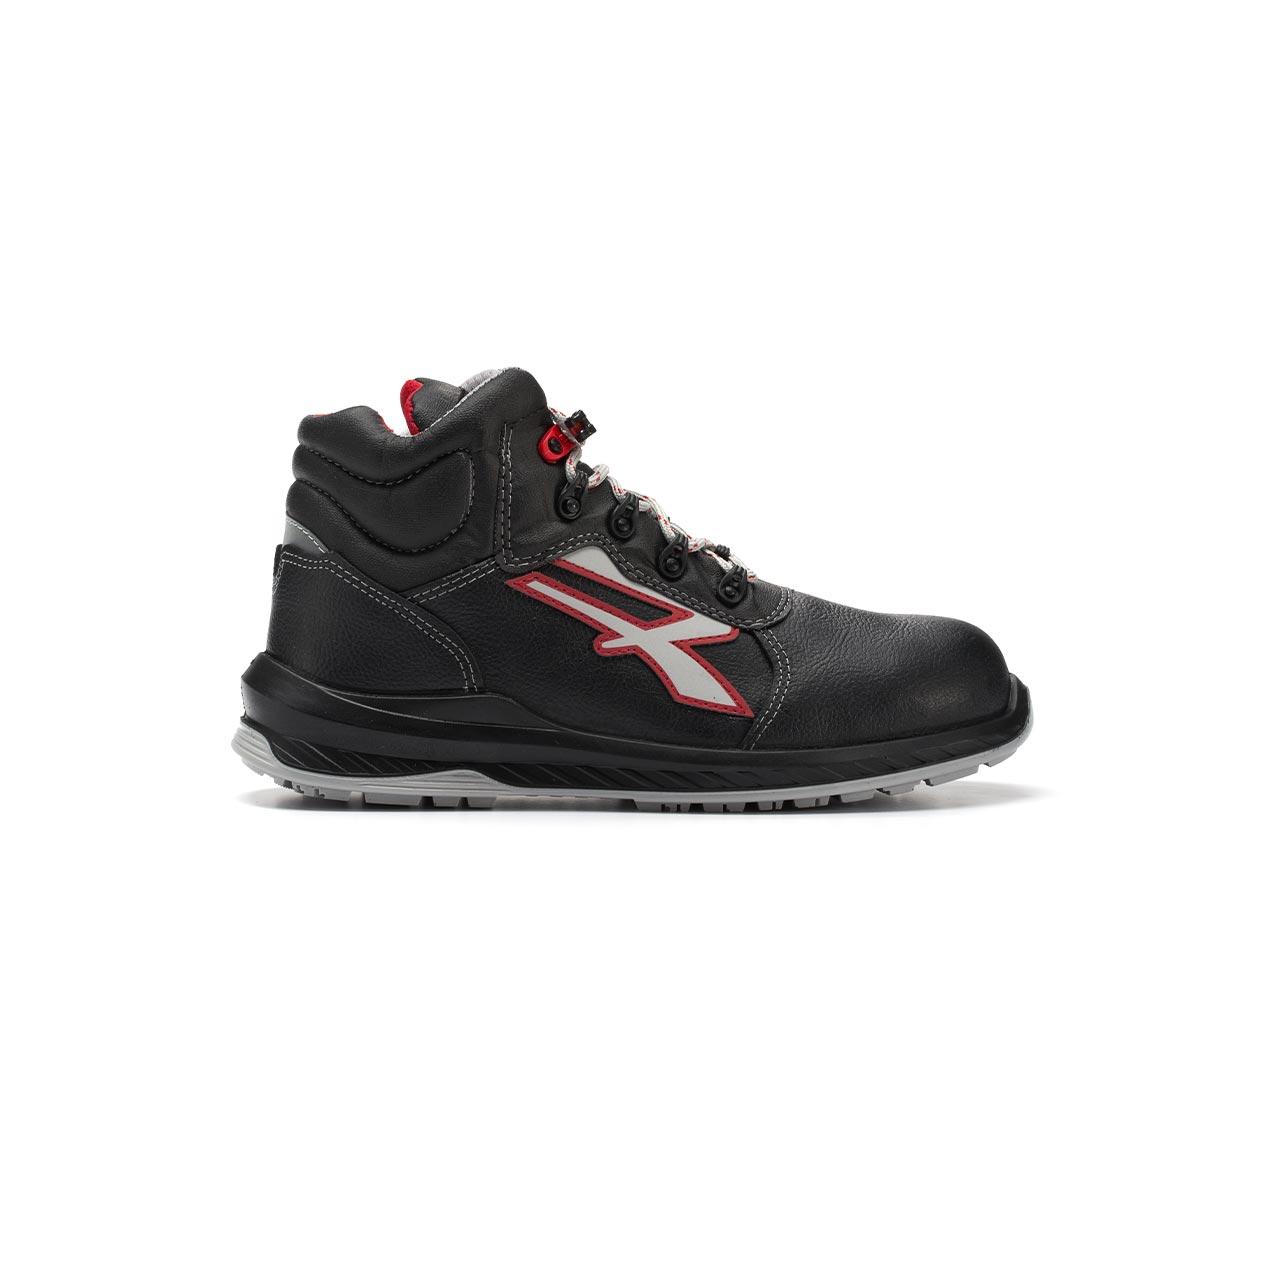 calzatura da lavoro alta upower modello boston linea redindustry vista lato destro